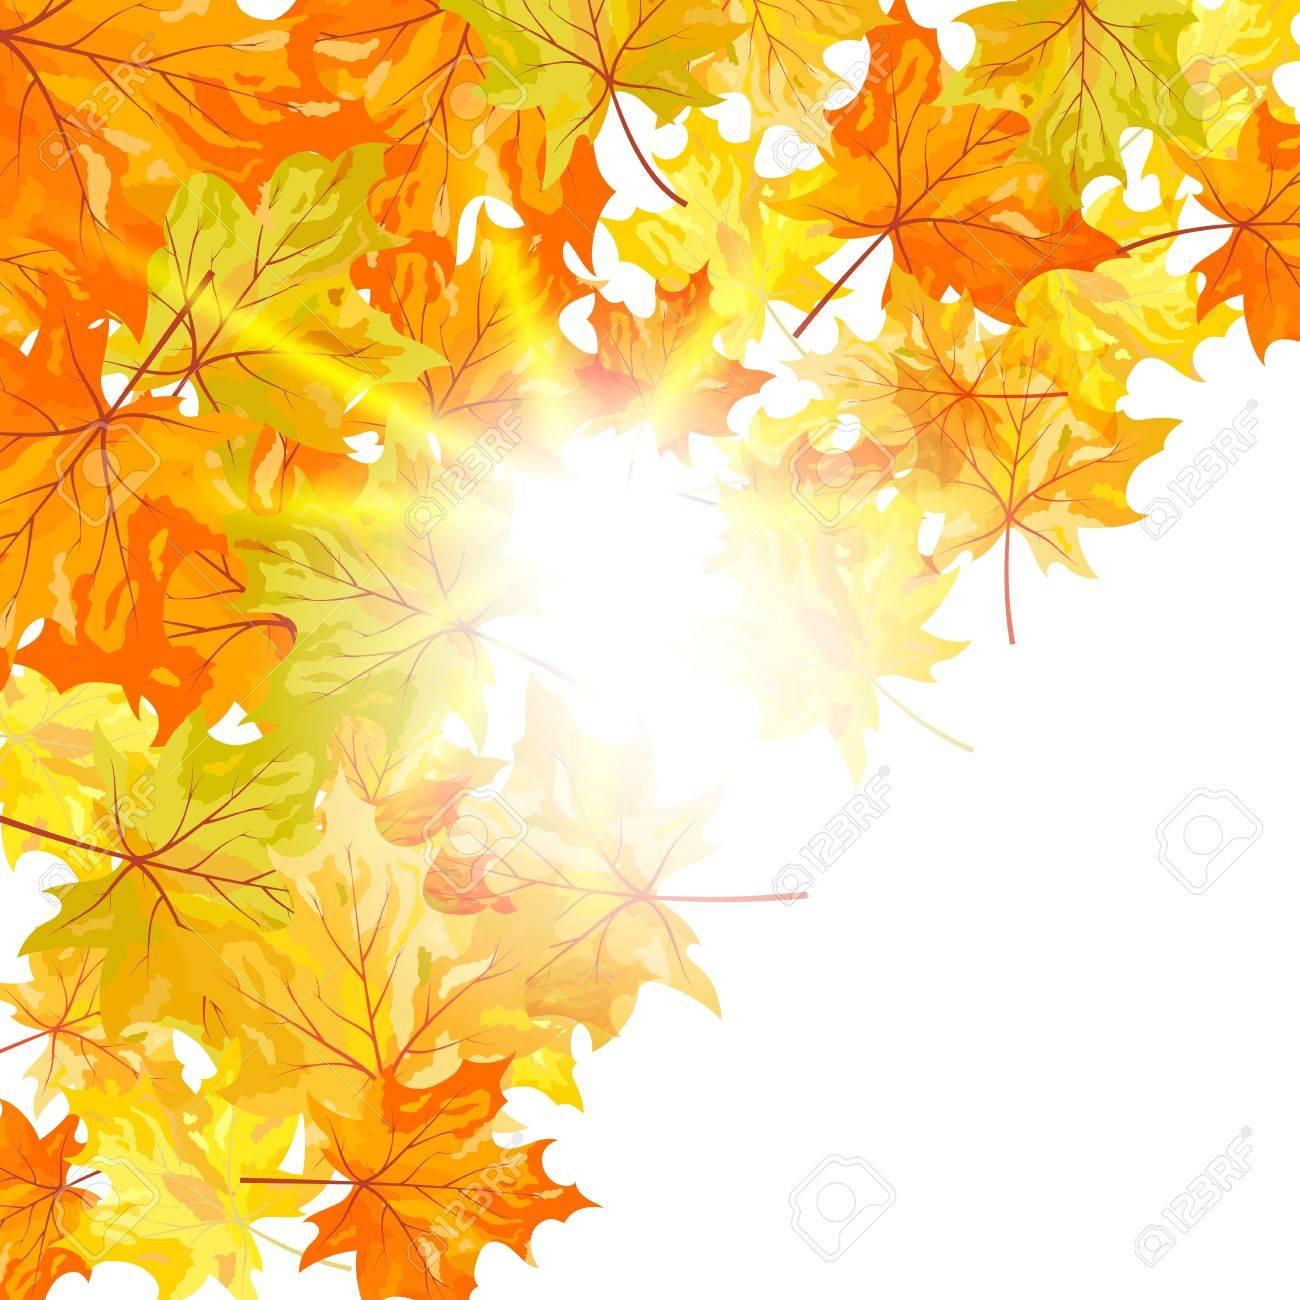 秋のカエデの葉の背景。透明なイラスト ロイヤリティフリークリップ